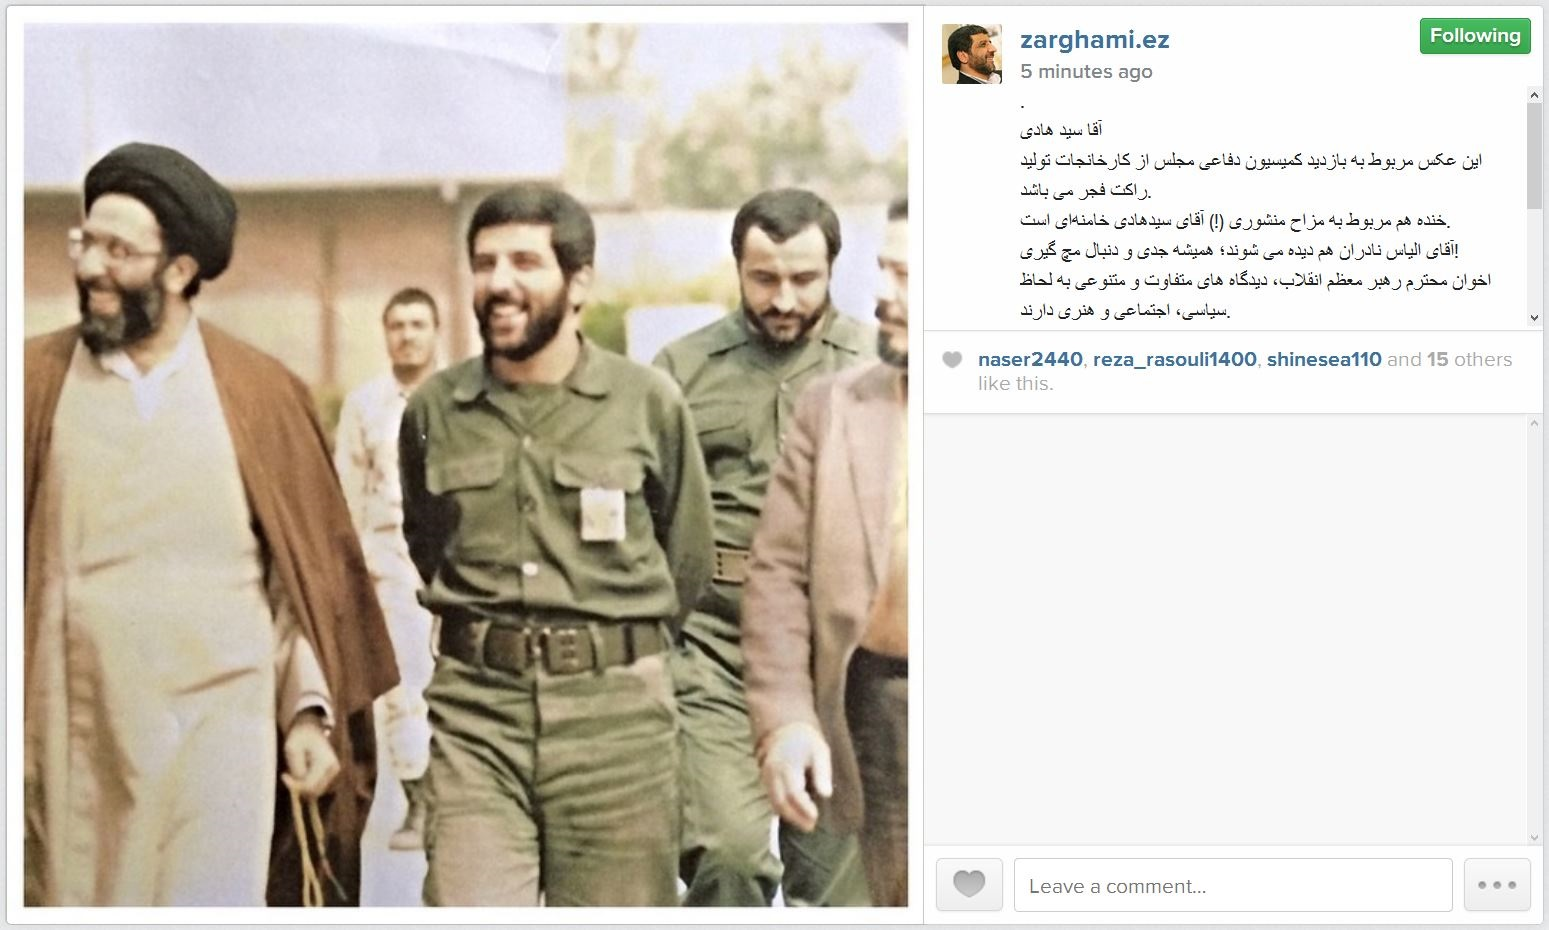 عکس اینستاگرامی ضرغامی و هادی خامنهای